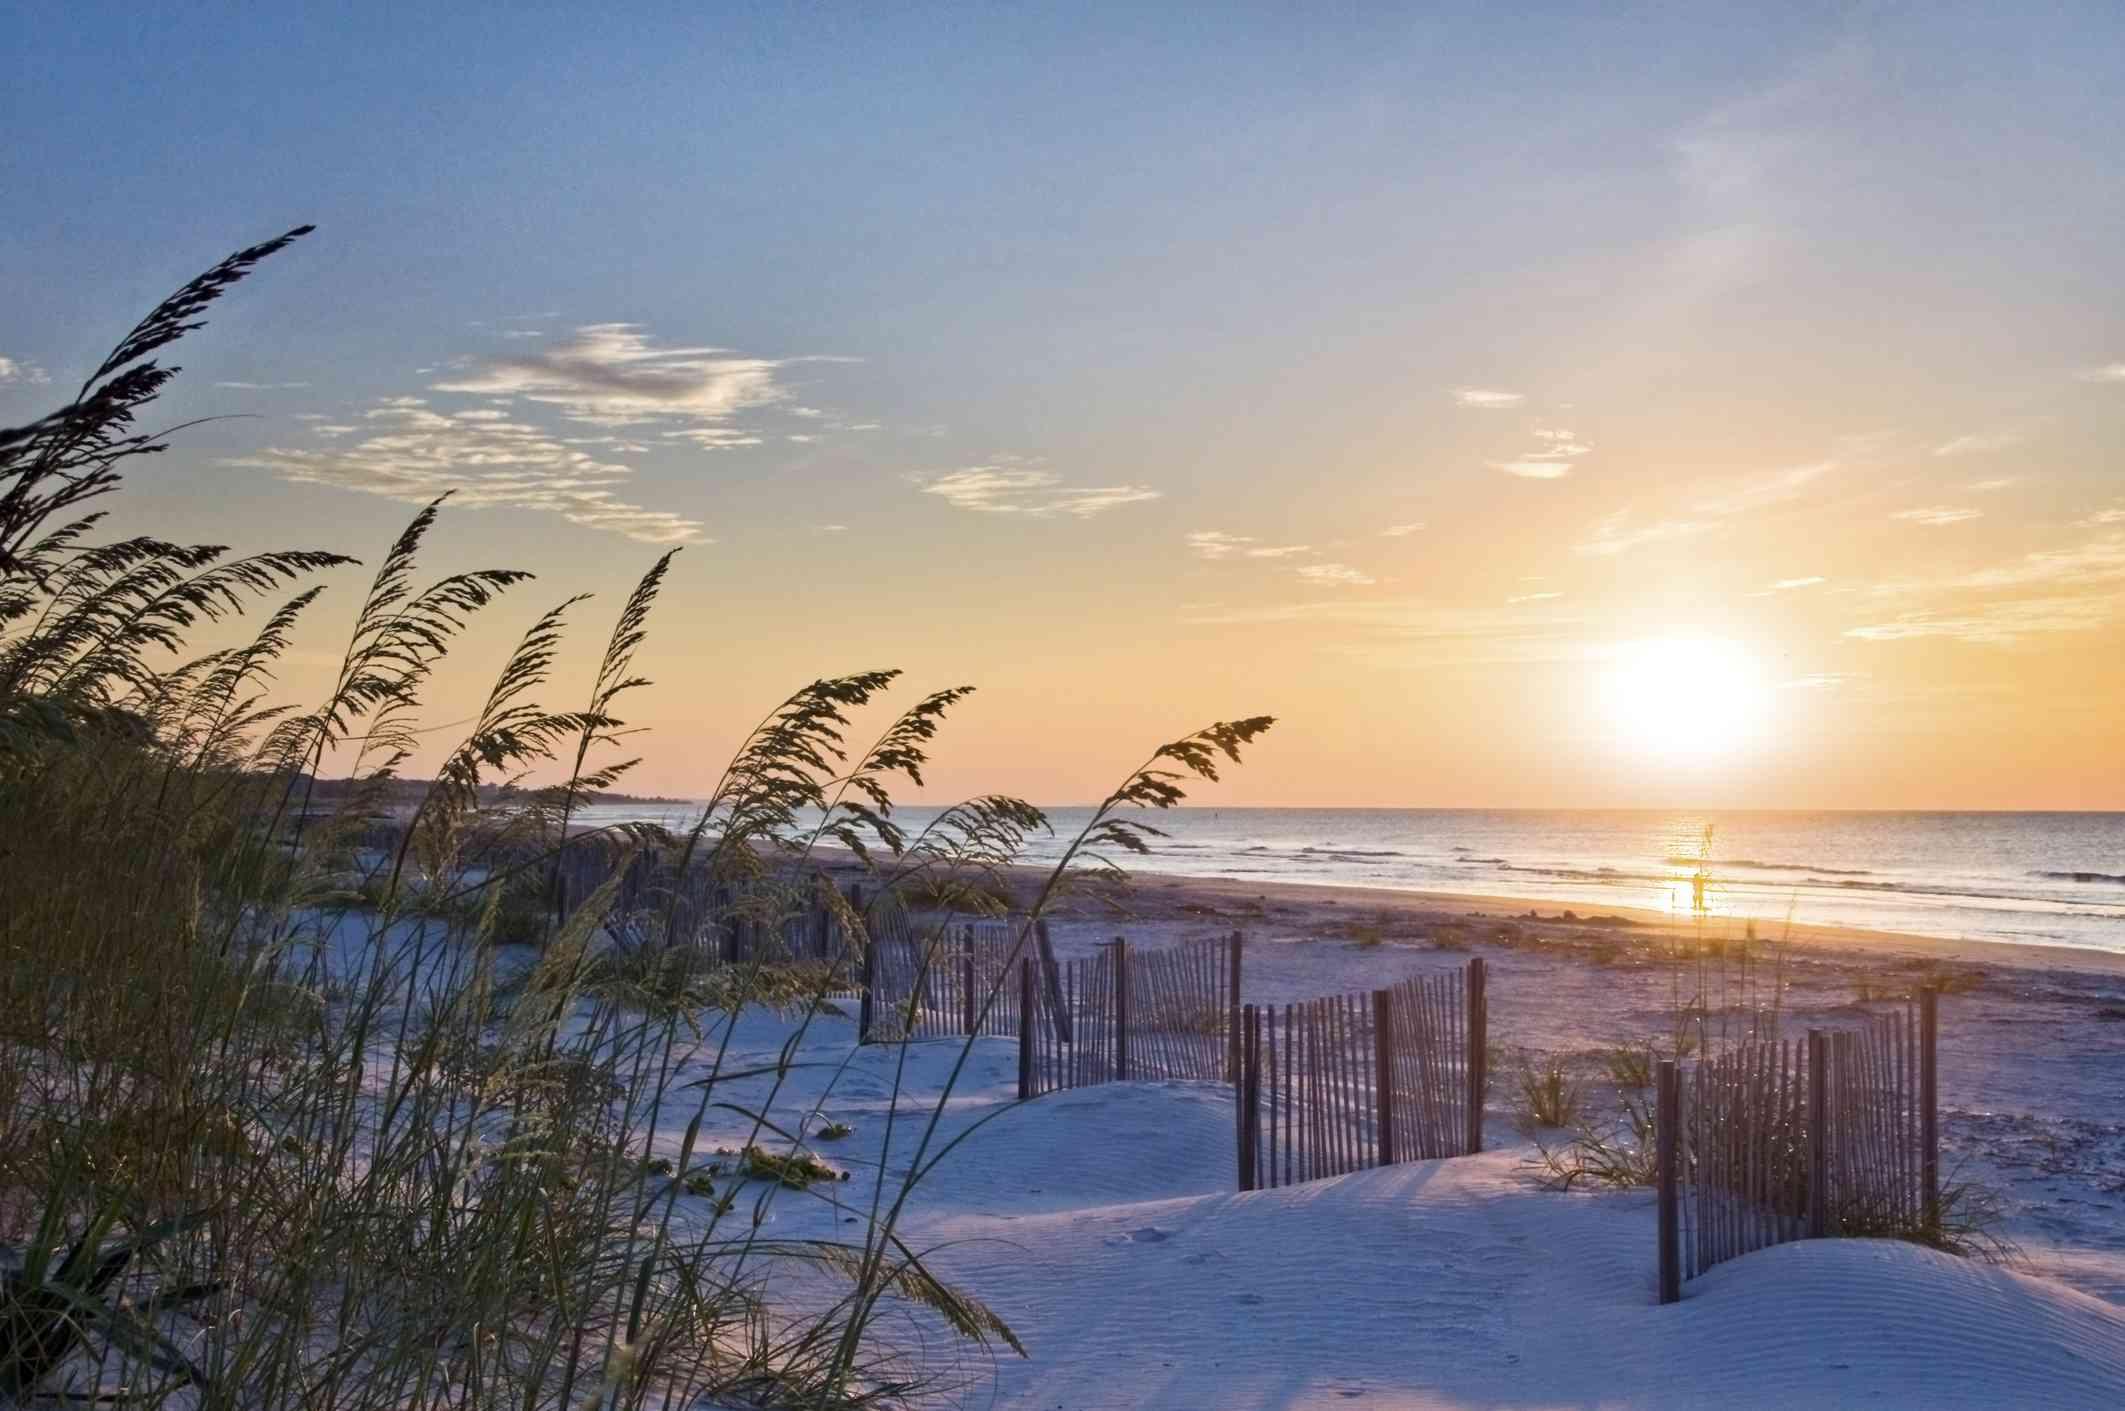 Sea oats and small beach fences are illuminated at sunrise on a beach on Hilton Head Island, SC